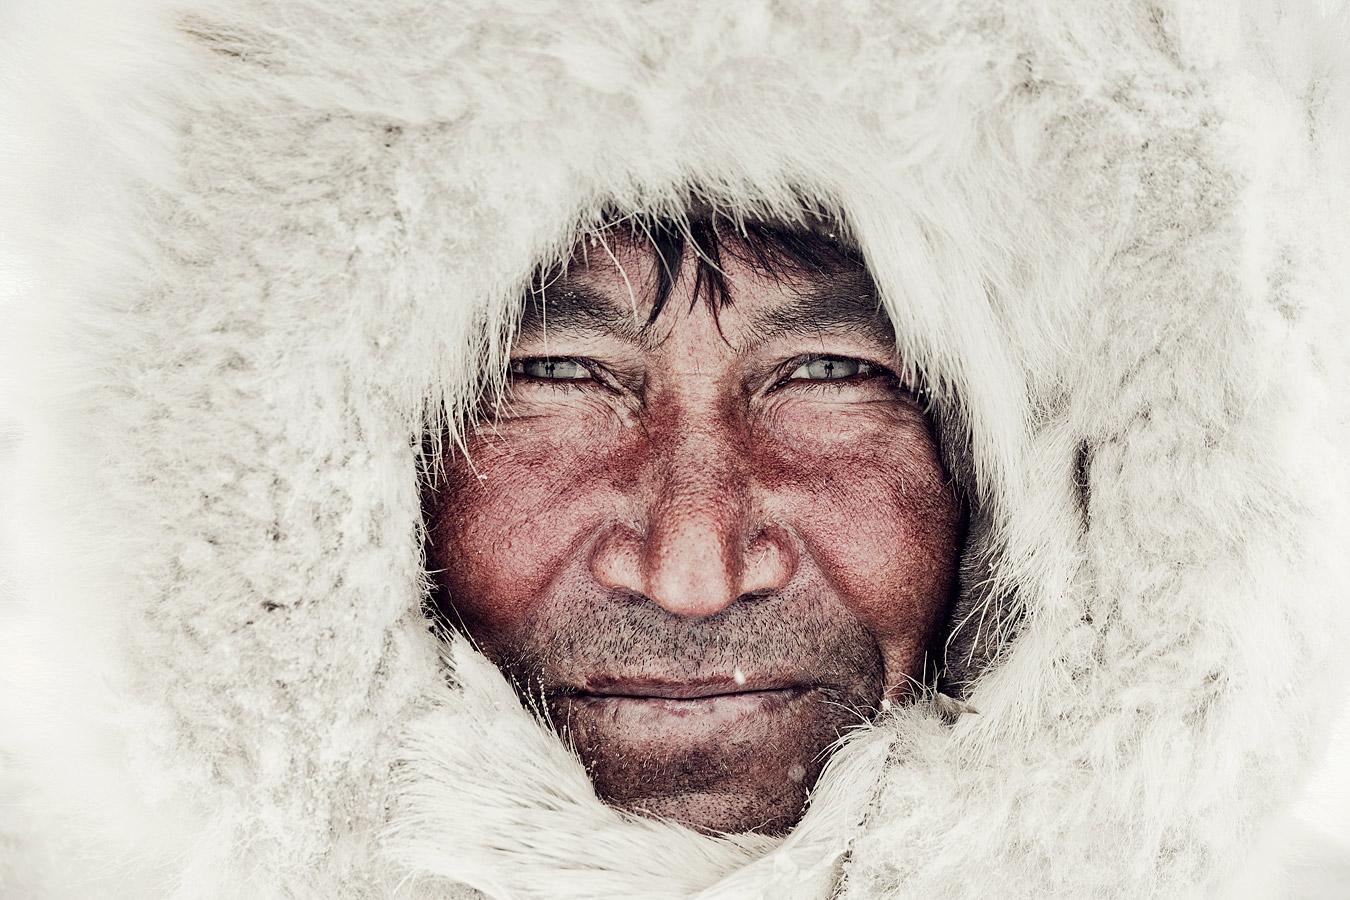 Jimmy Nelson - XIII 438 Yakim, Brigade 2, Nenet Yamal Peninsula, Ural Mountains Russia, 2011